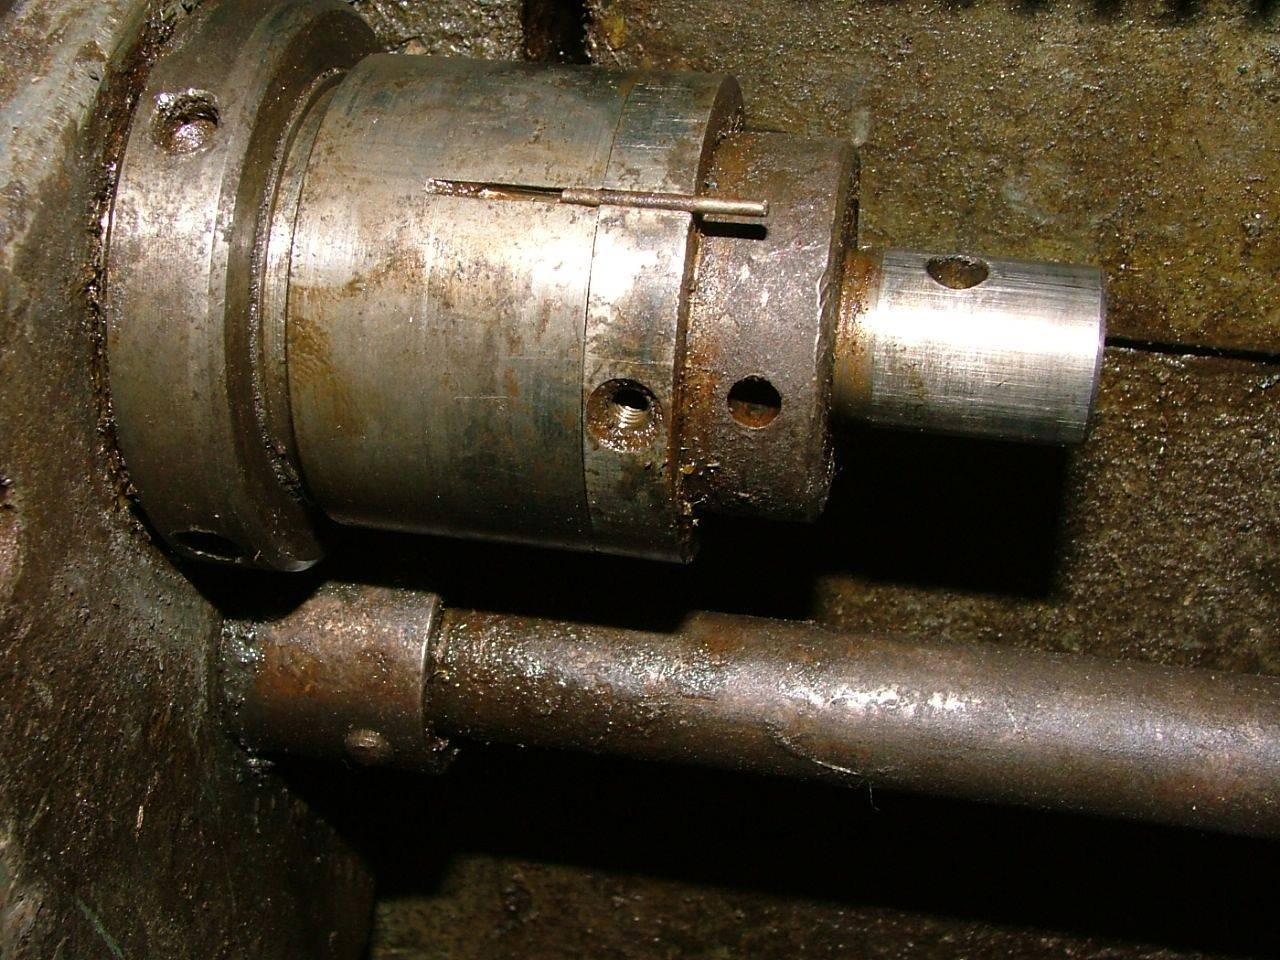 DSCF5121.JPG